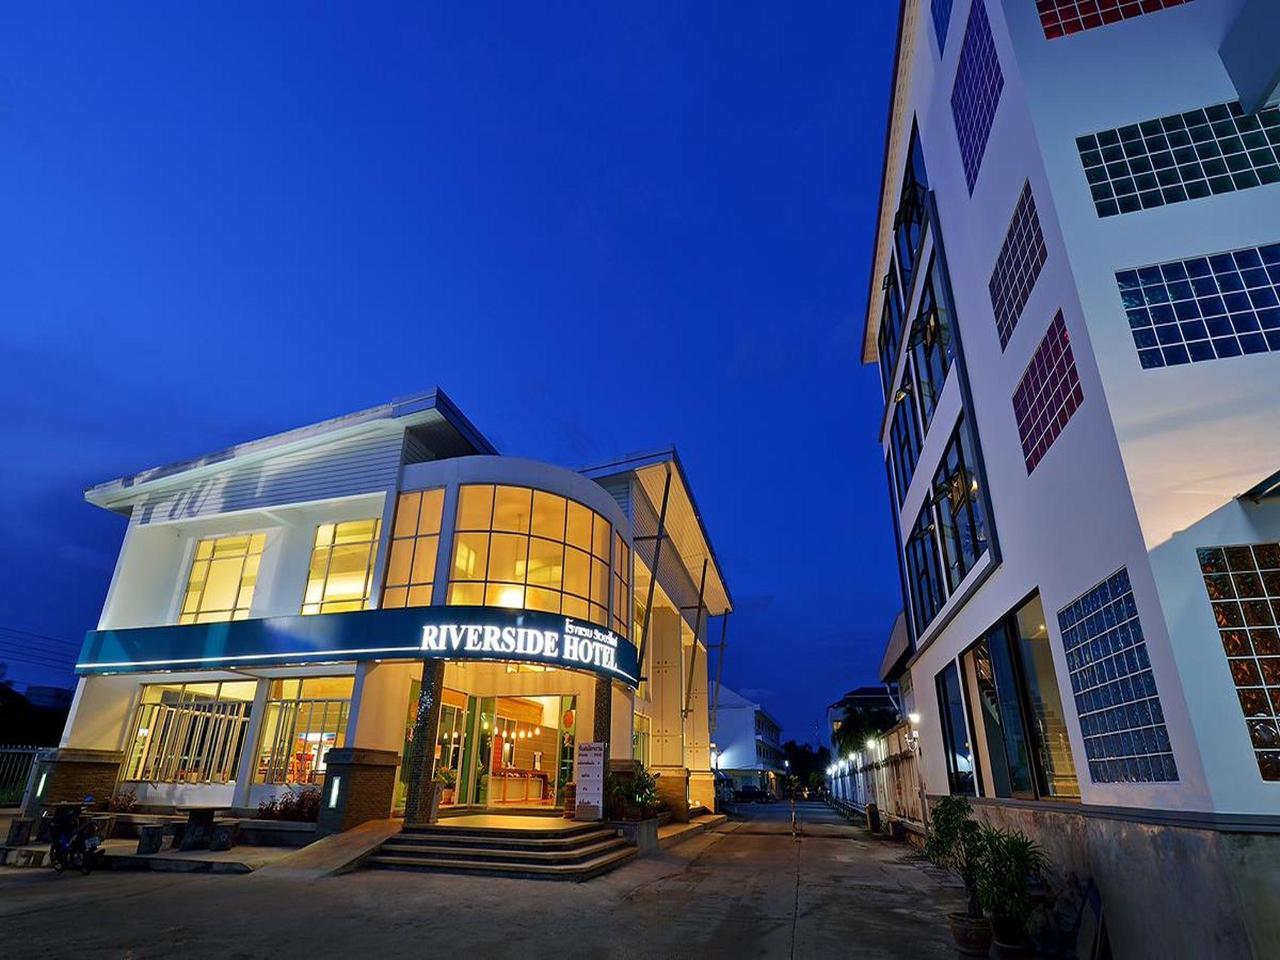 โรงแรมริเวอร์ไซด์ (Riverside Hotel)